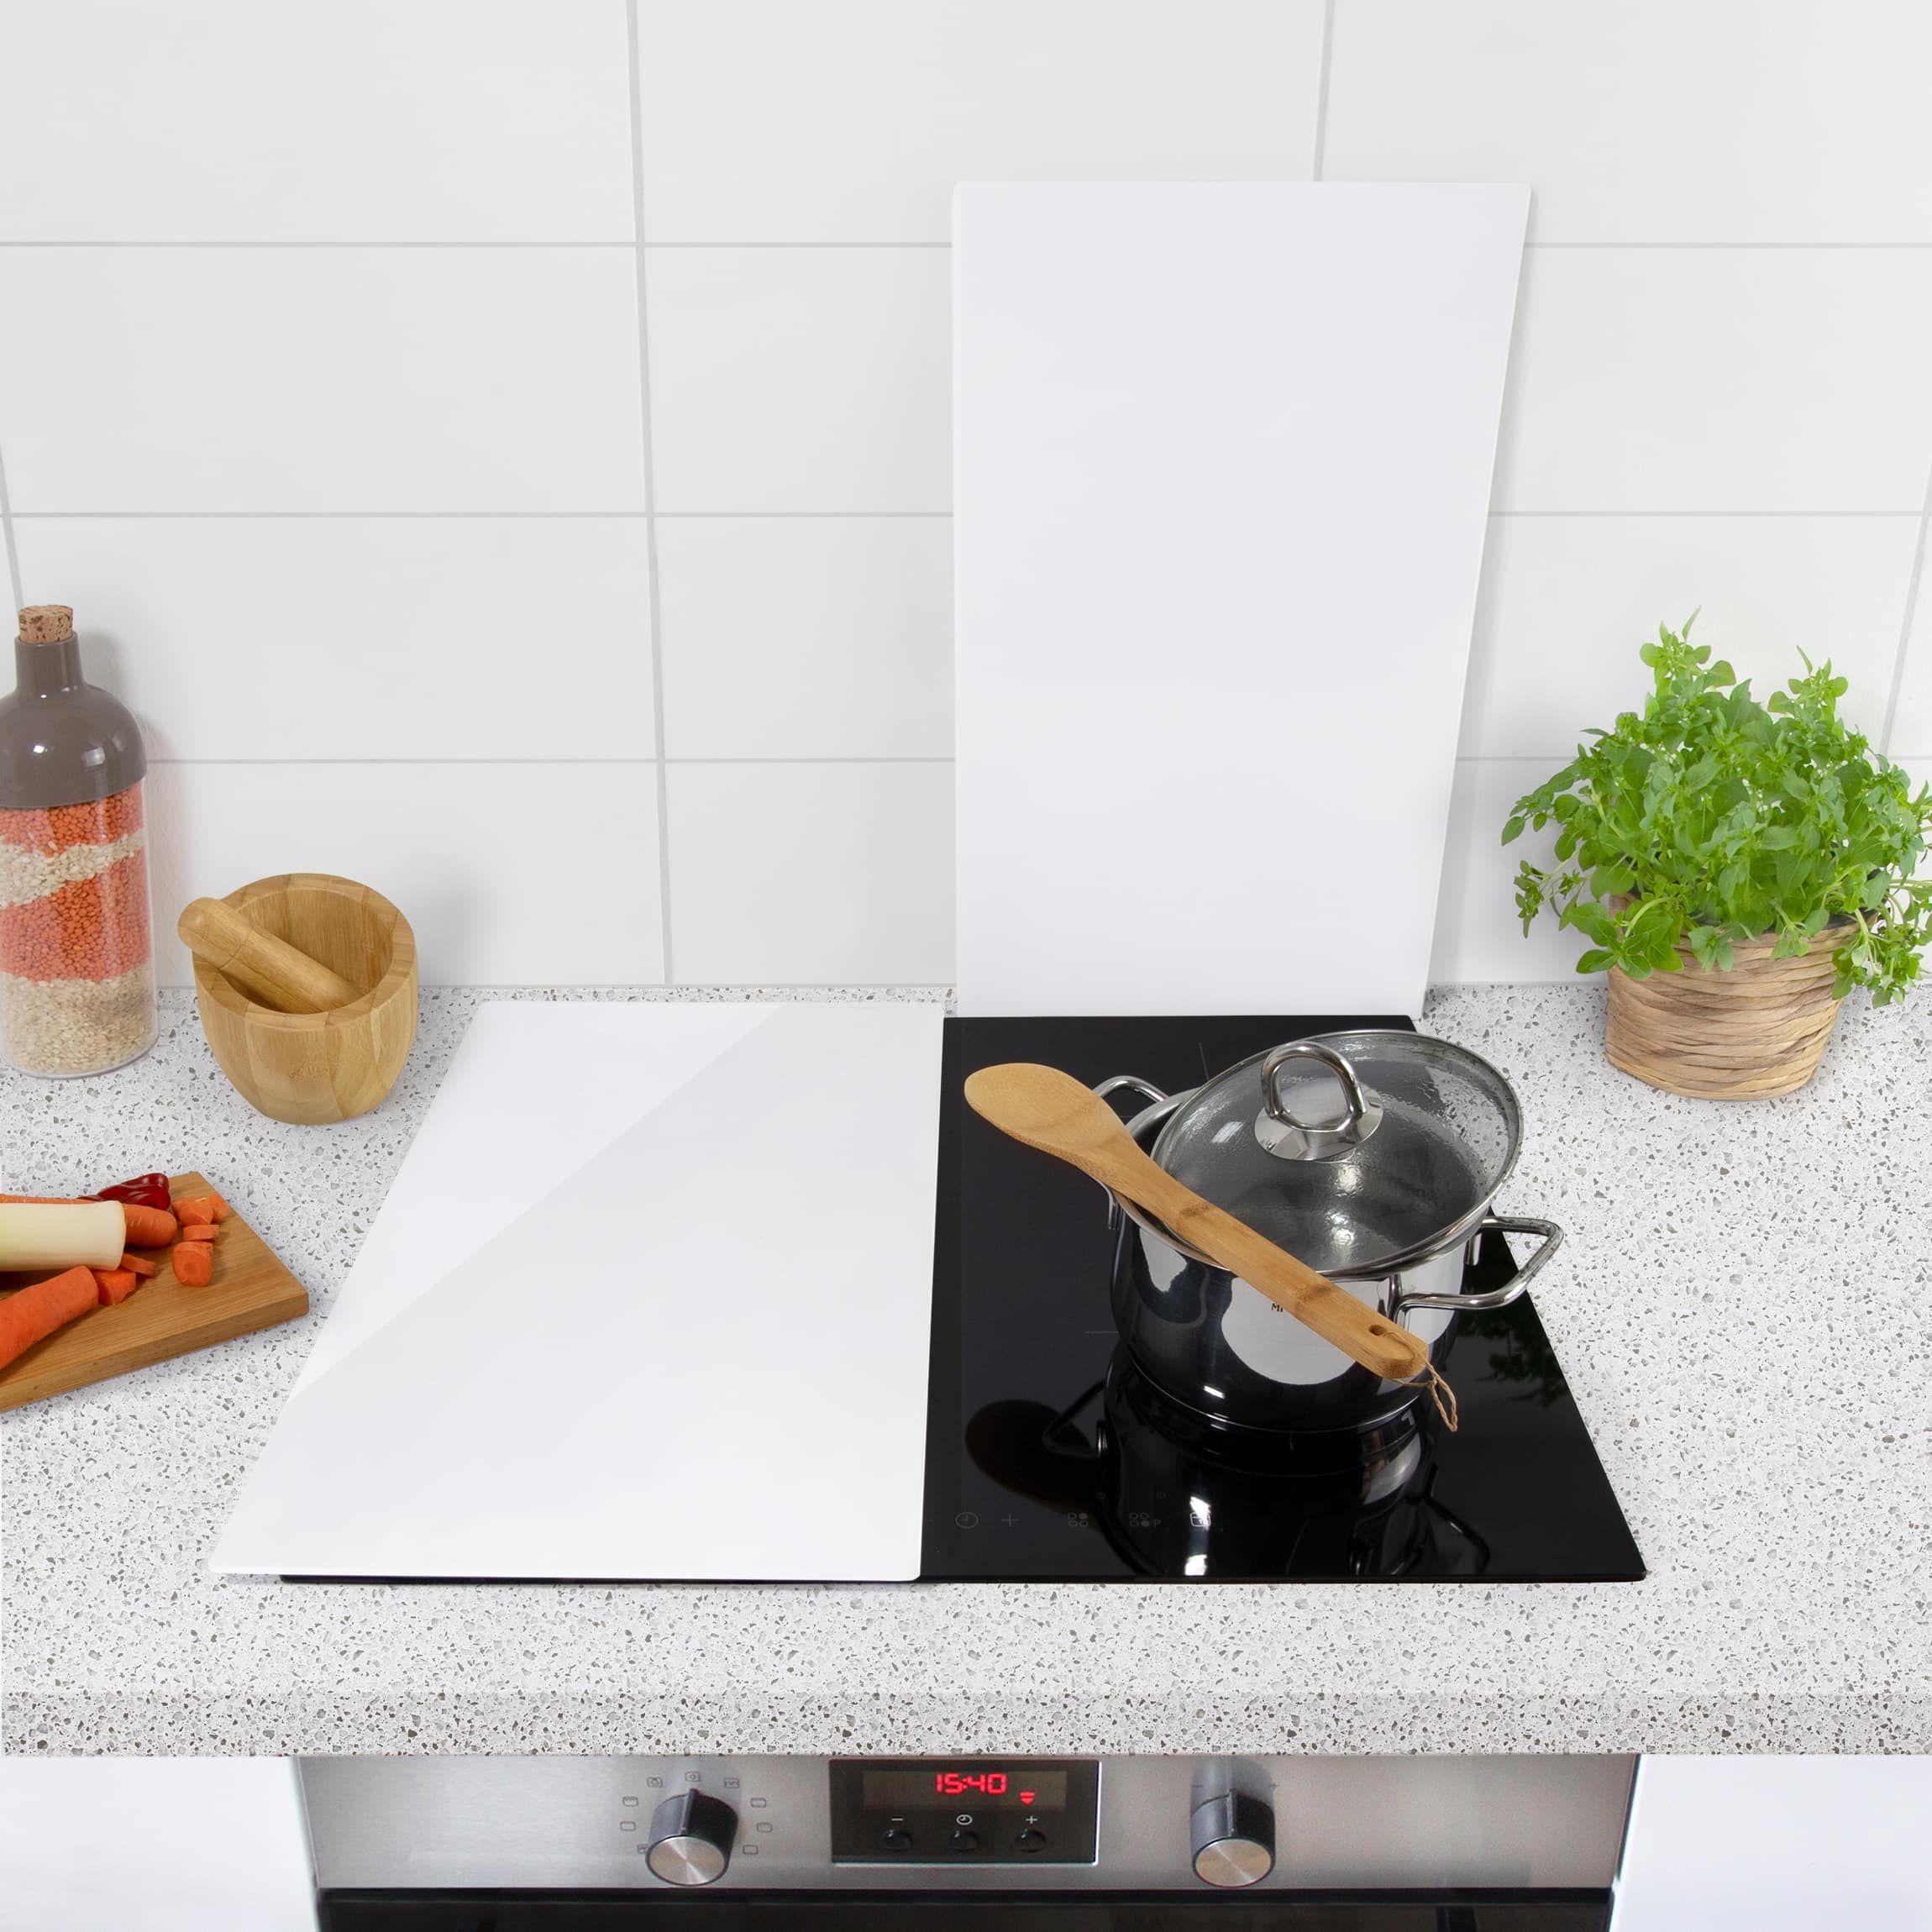 Tagliere Per Piano Cucina coprifornelli in vetro - bianco polare - 52x60cm